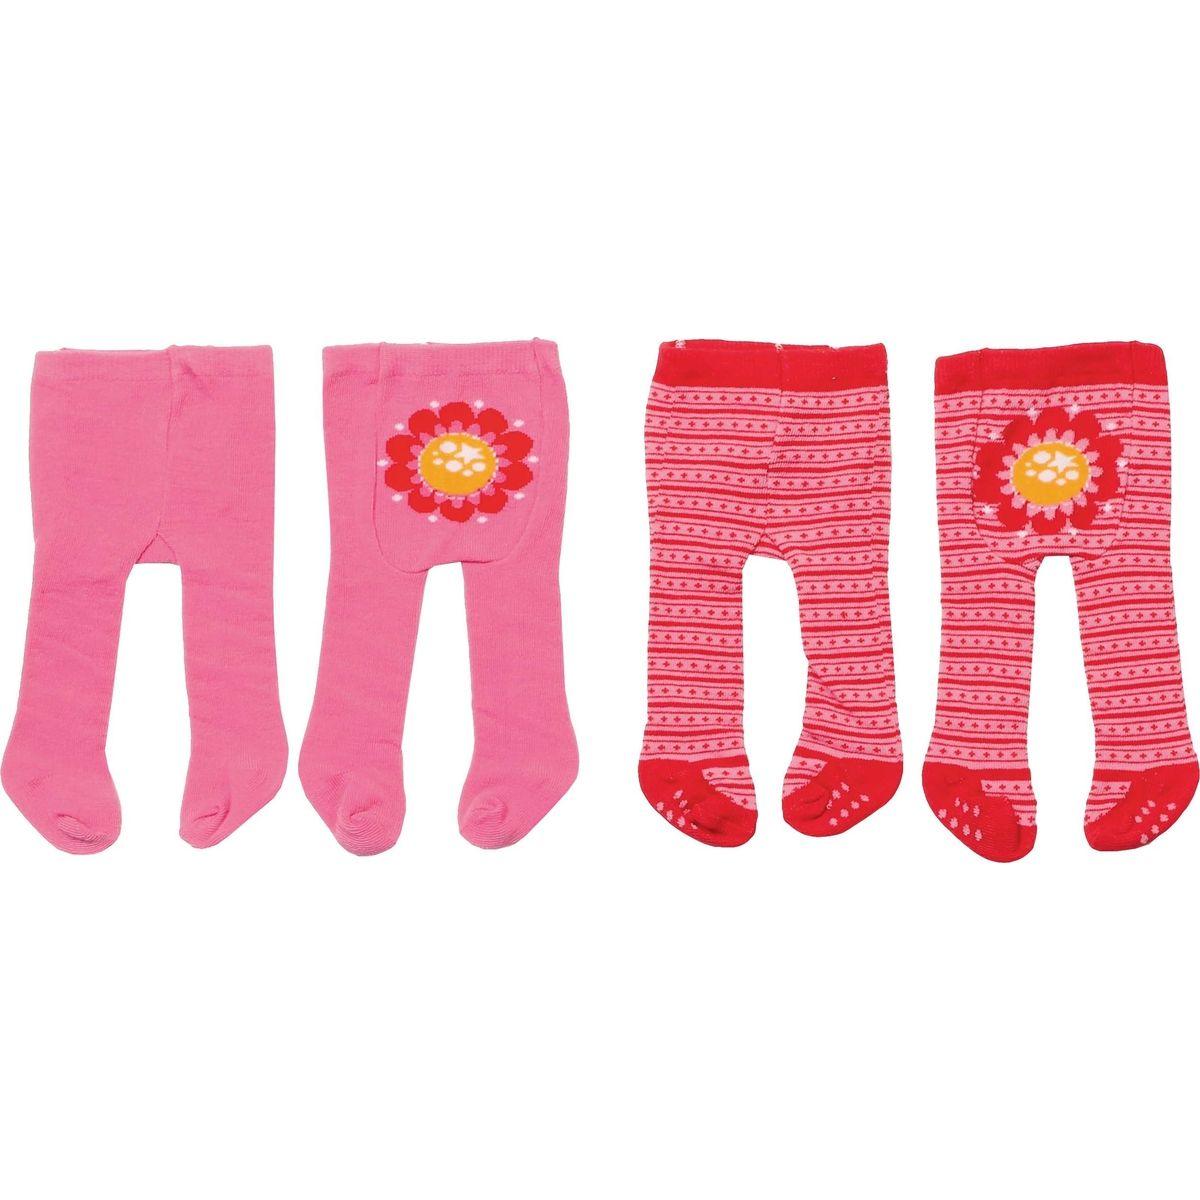 Zapf Creation Dolly Moda Punčocháče 2 ks - ružové a červené